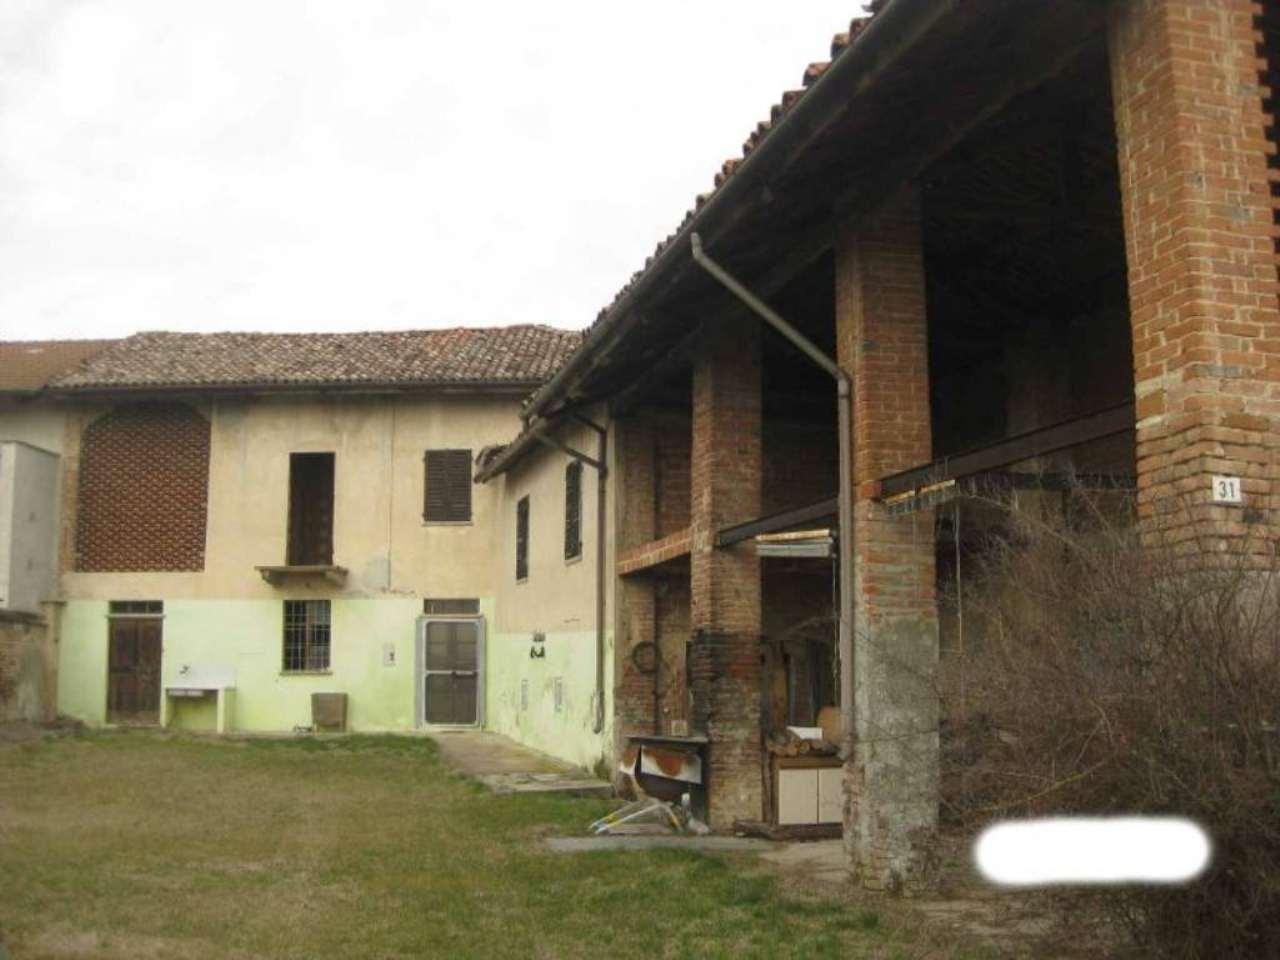 Rustico / Casale in vendita a Alfiano Natta, 8 locali, prezzo € 70.000   Cambio Casa.it